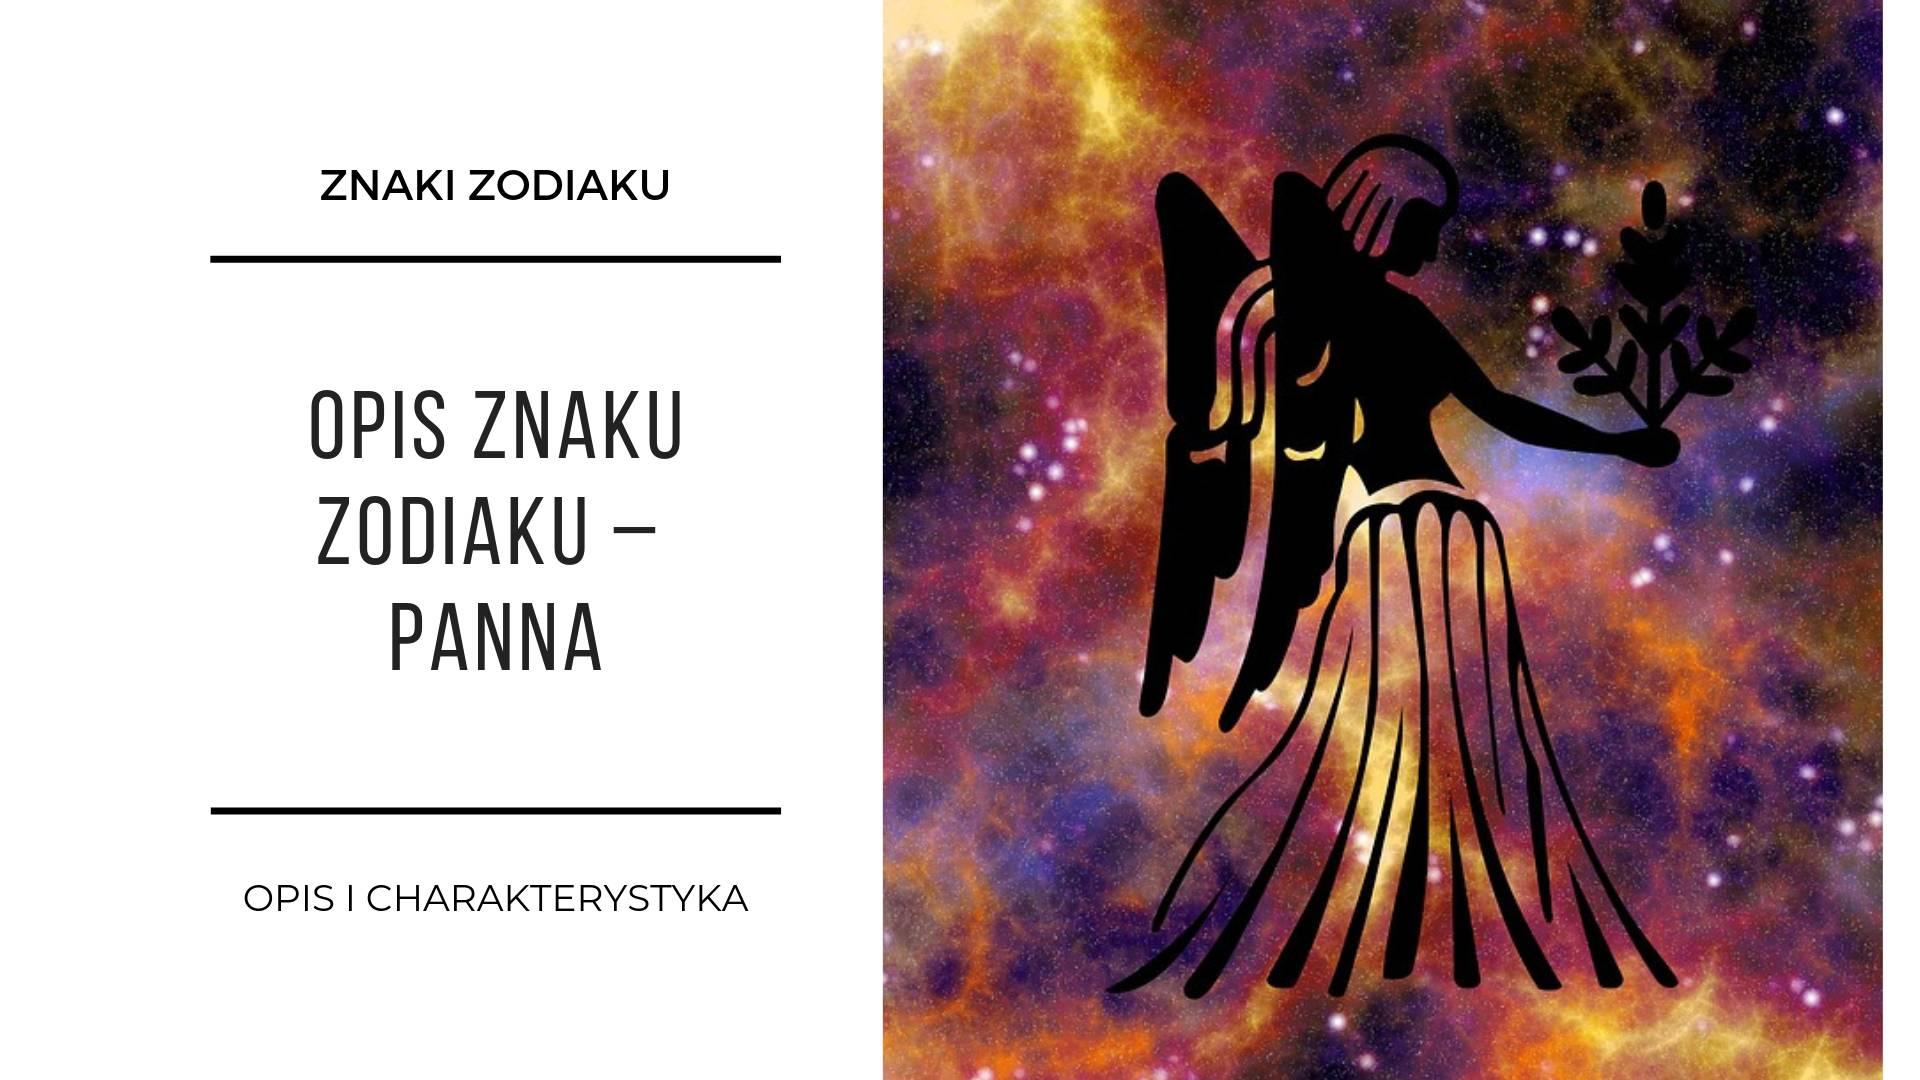 Znaki zodiaku 8